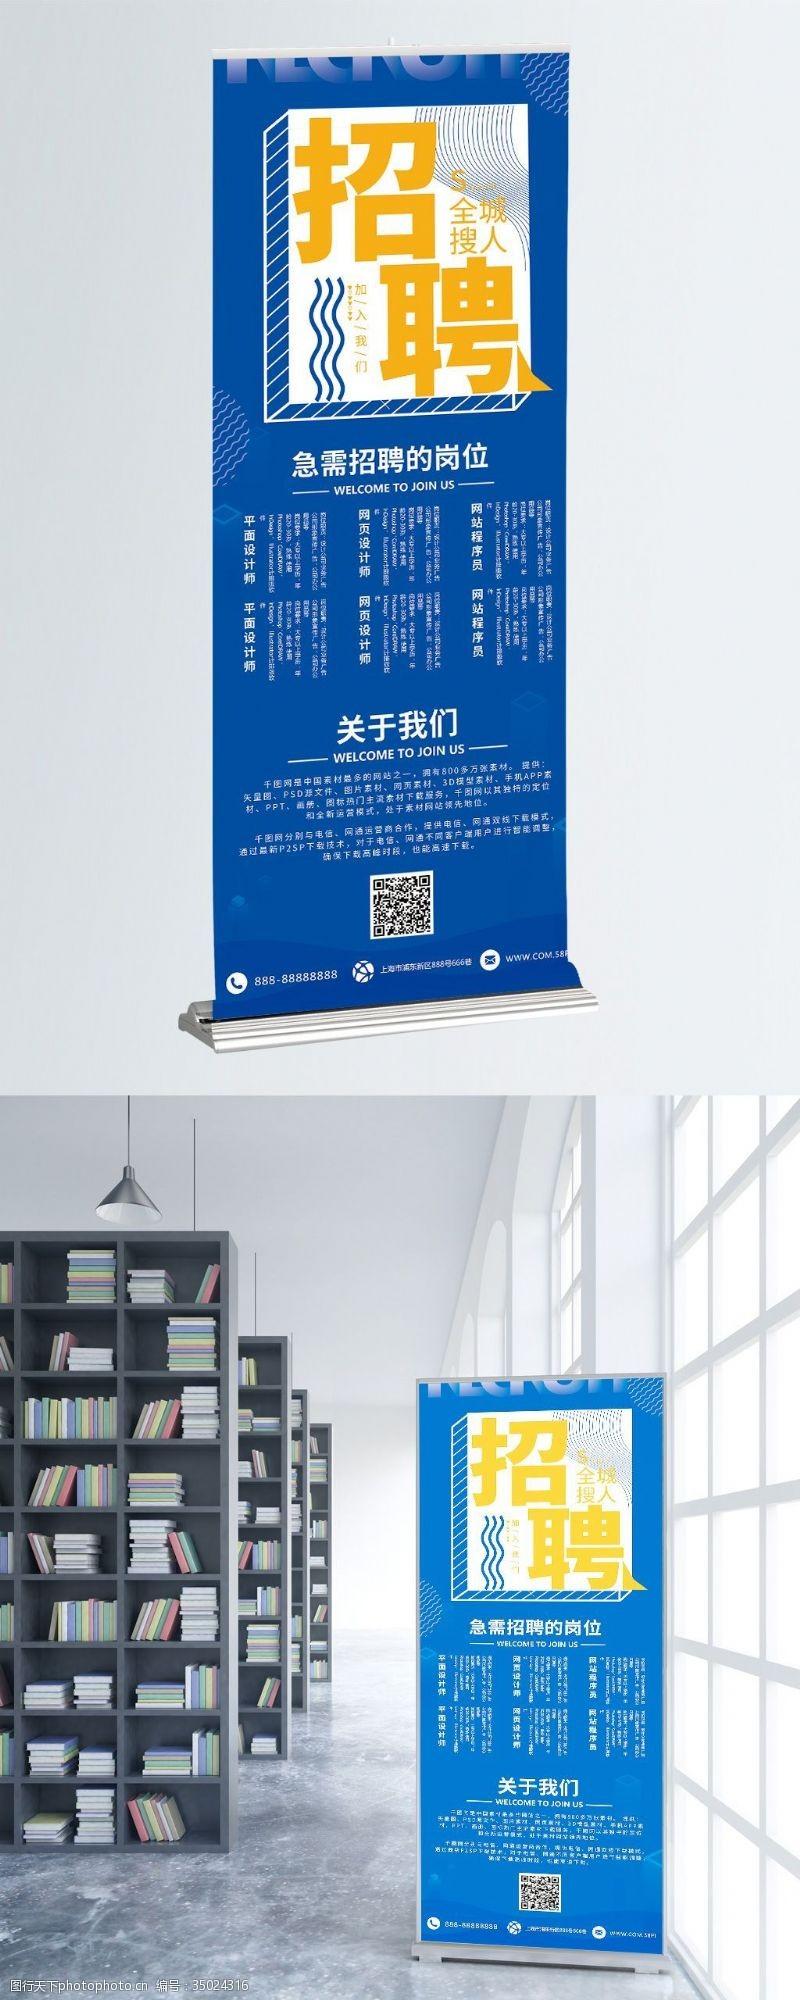 企业招聘易拉宝蓝色创意科技风招聘展架易拉宝